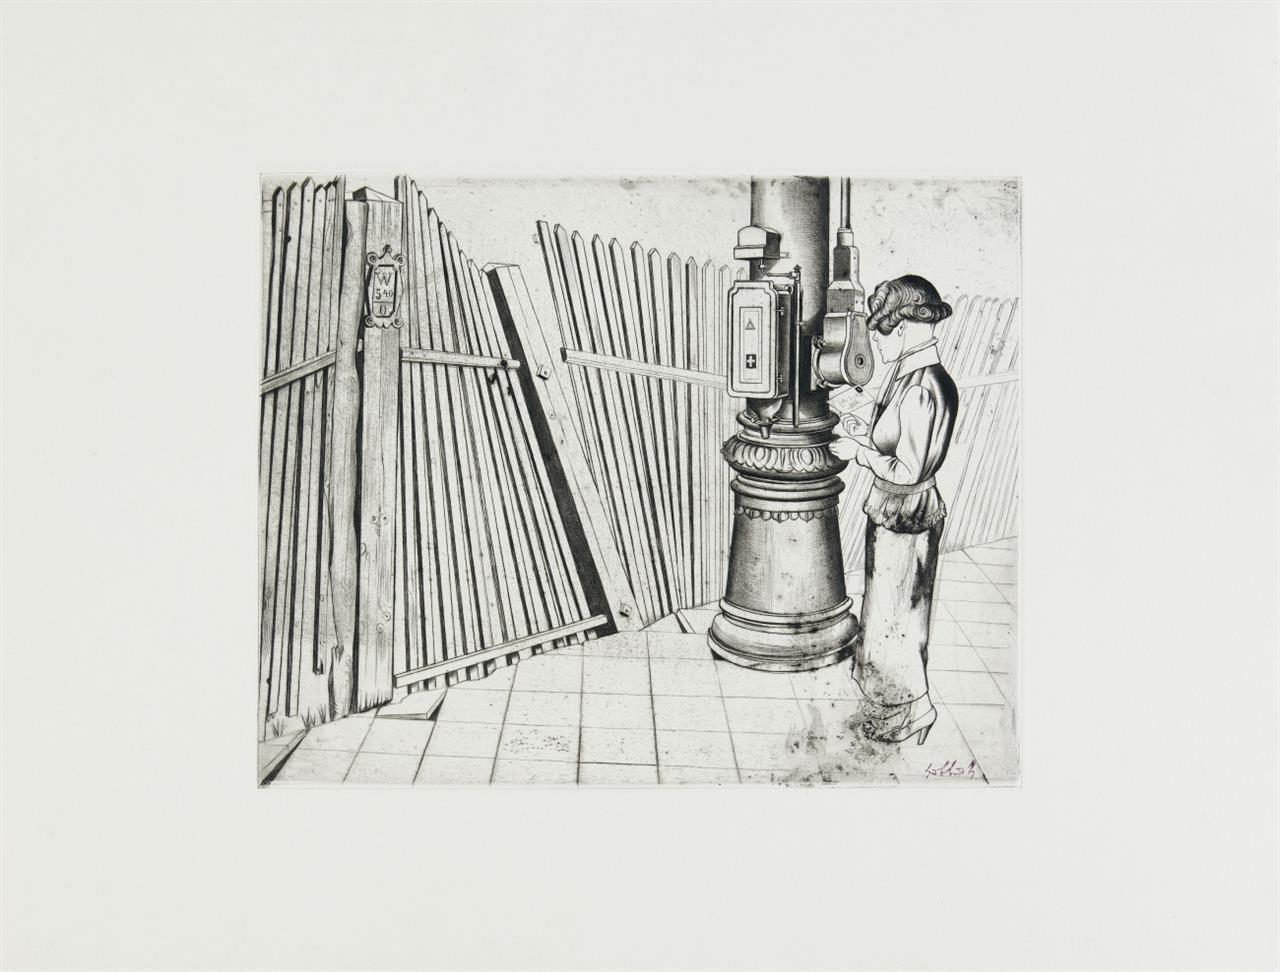 Karl Hubbuch. Der Brief (Rohrpost). Kaltnadelradierung. Signaturstempel.